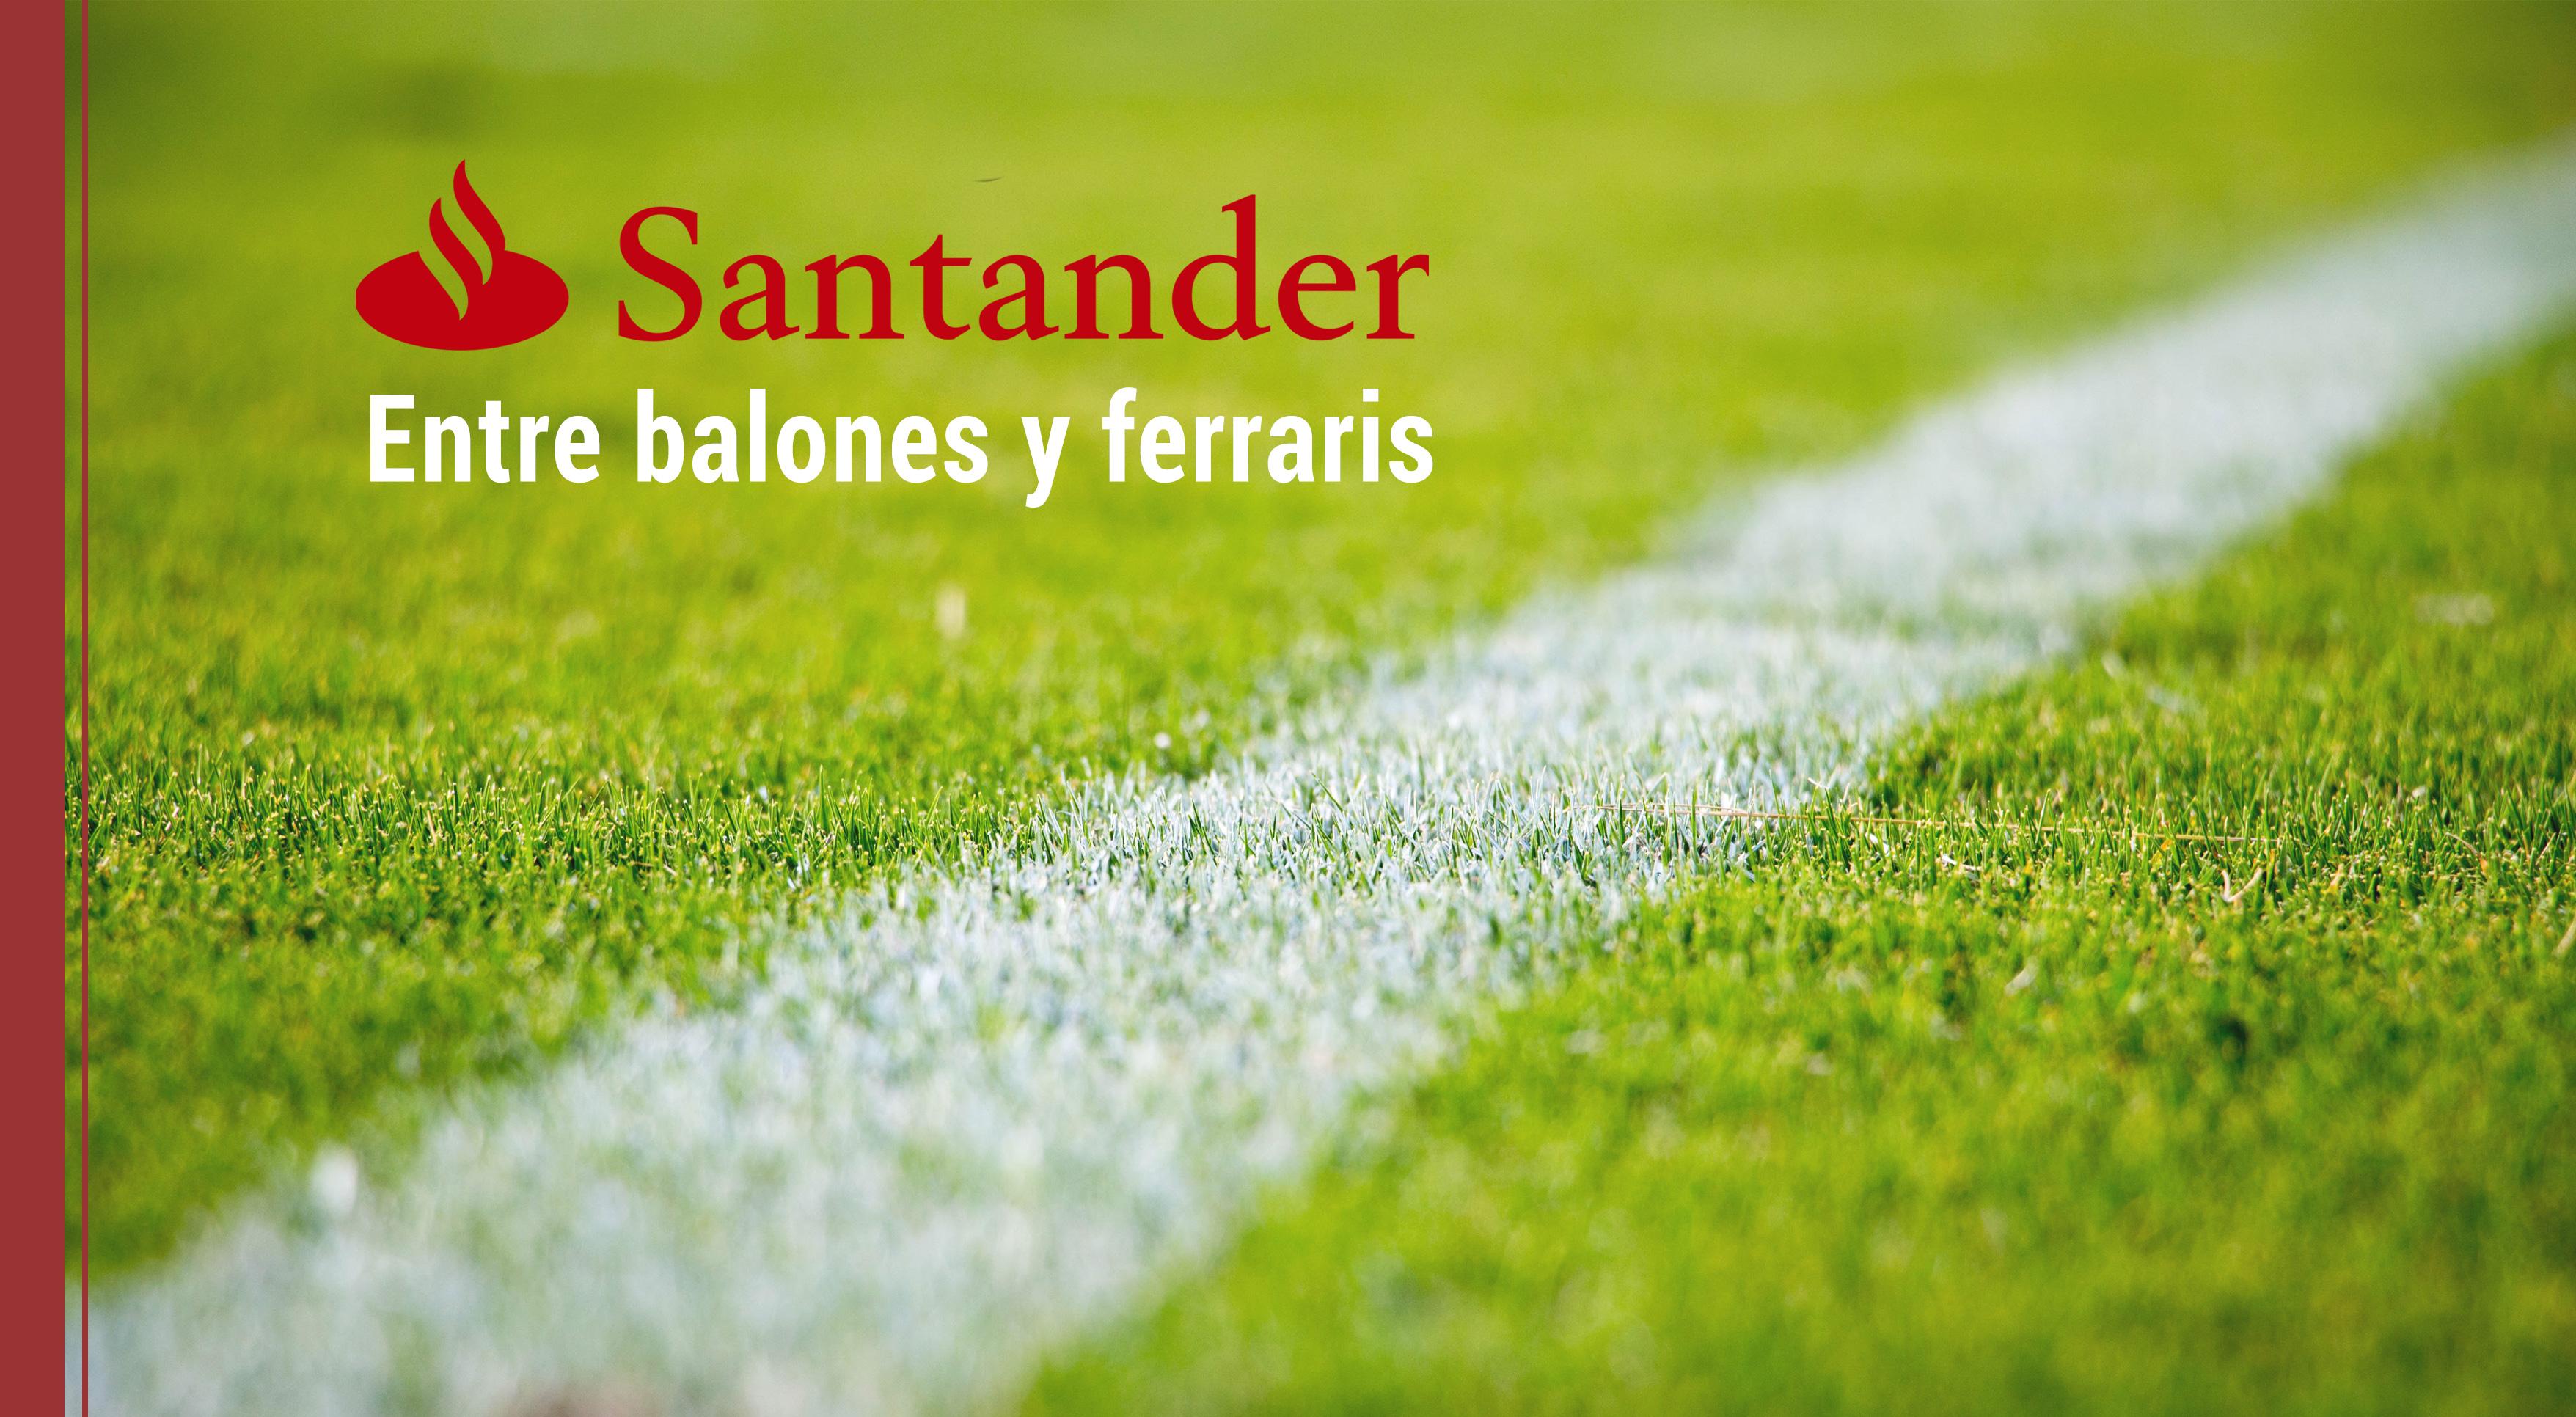 banco-santander-uefa-ferrari Banco Santander: entre balones con la UEFA y Ferraris